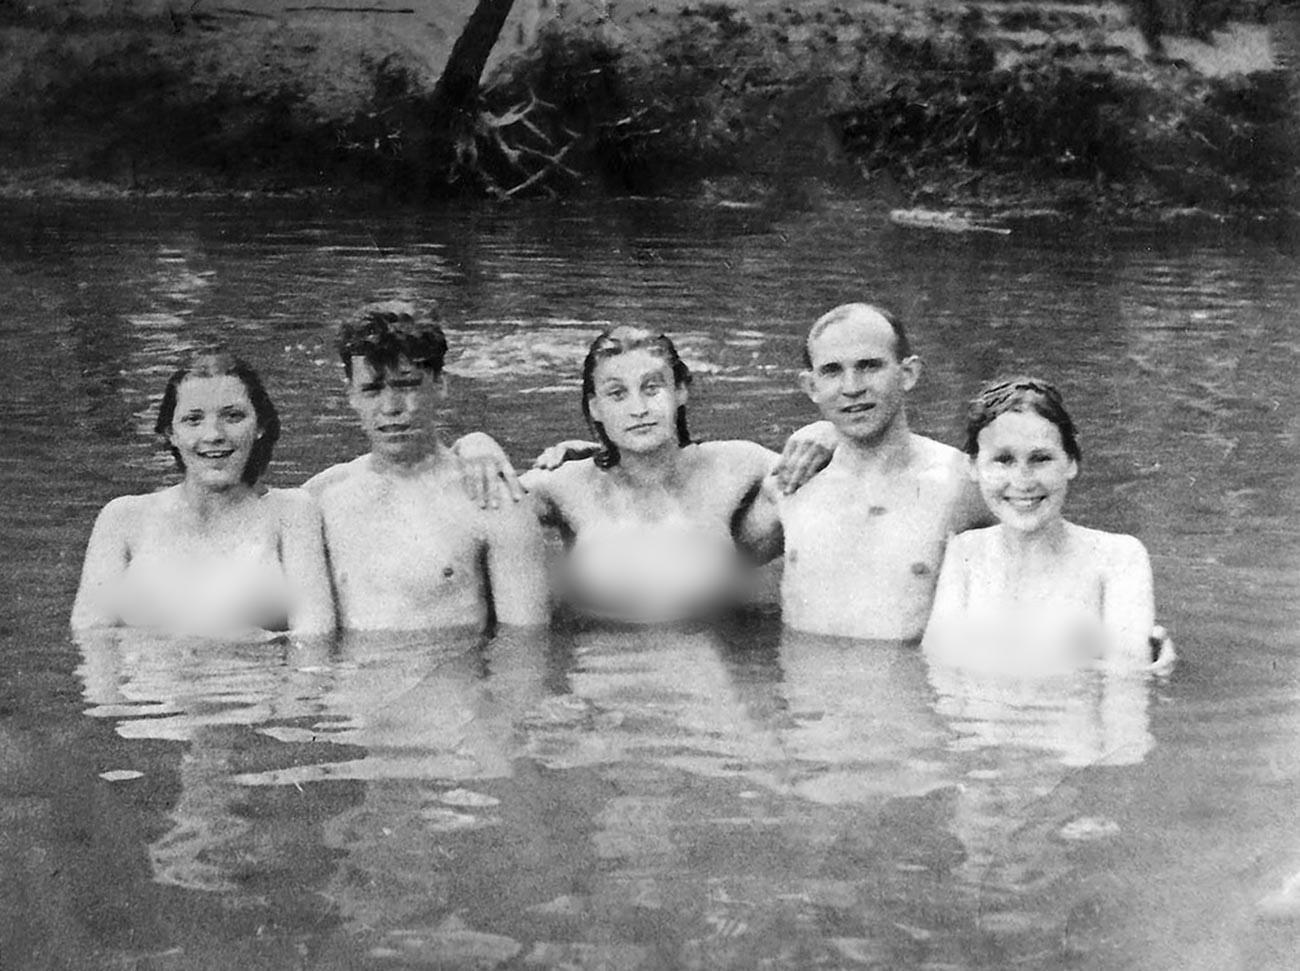 Комсомольцы завода Стандартбетон купаются в Москва-реке, 1940.